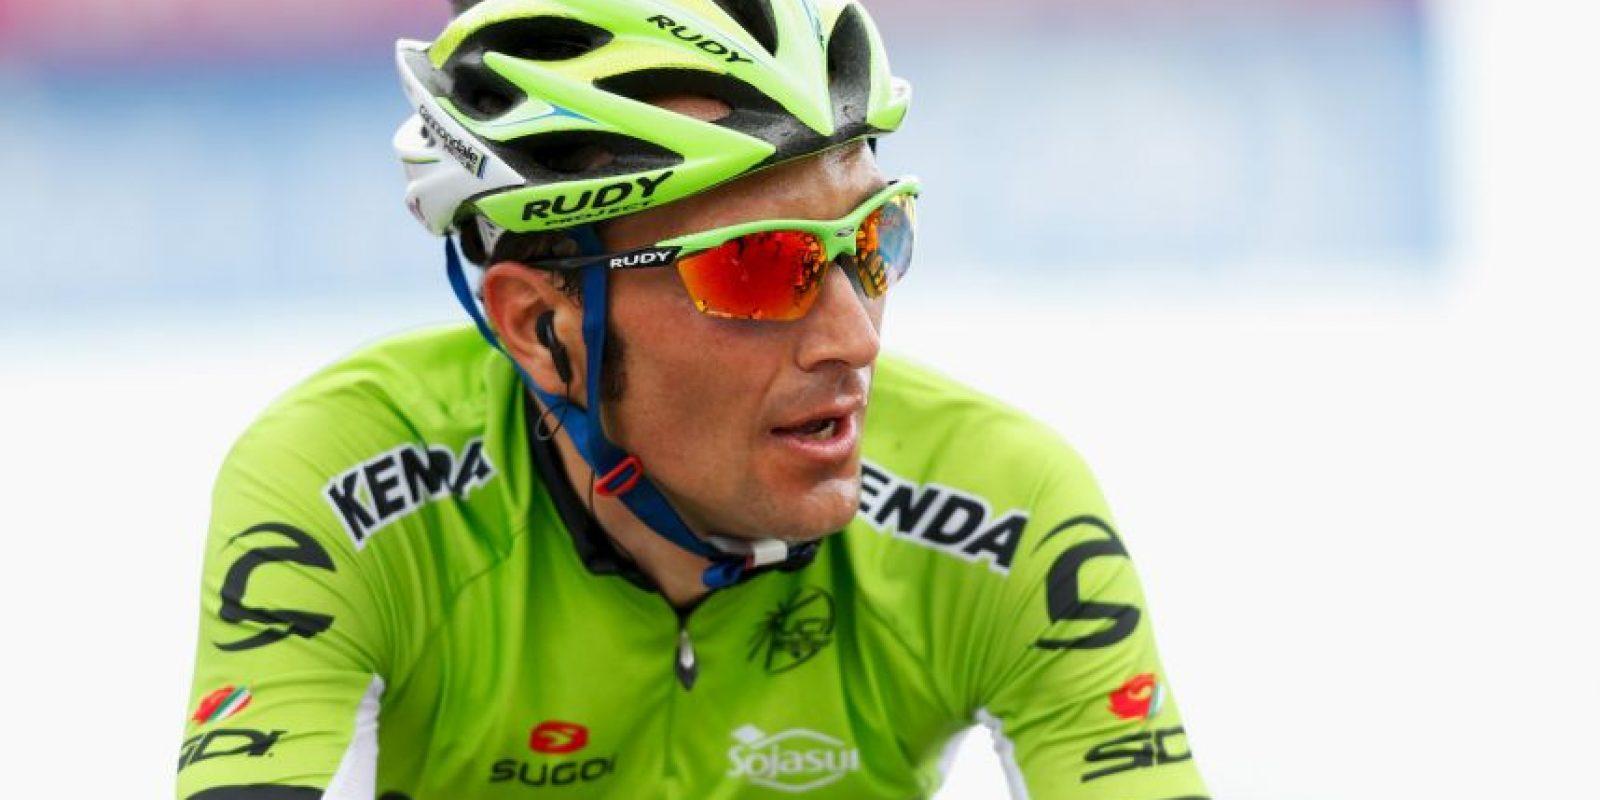 Ganó el Giro de Italia en 2006 y 2010, y obtuvo dos podios en el Tour de Francia (3º en 2004 y 2º en 2005). Foto:Getty Images